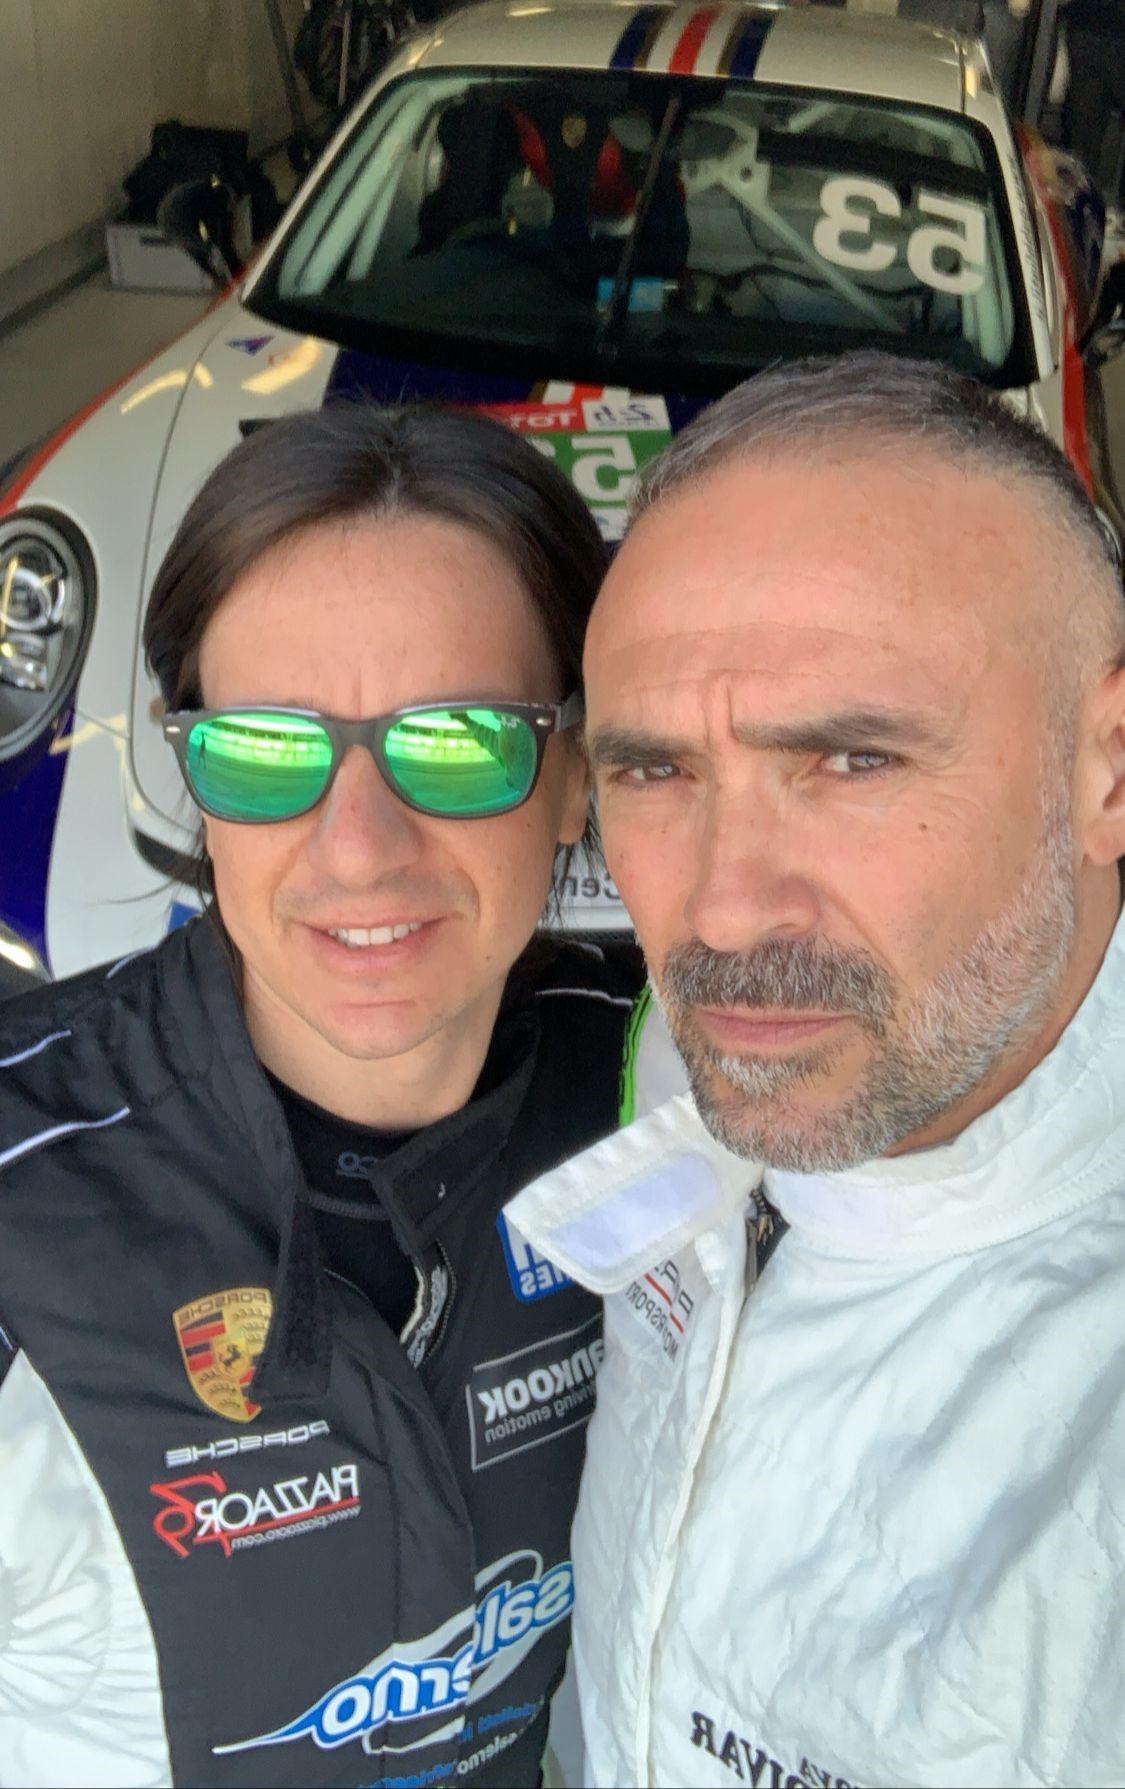 LA MAZZA E NICOLOSI TORNANO IN GARA  NEL CAMPIONATO ITALIANO GT (CLASSE GT CUP)  AL VIA DAL 30 APRILE AL 2 MAGGIO